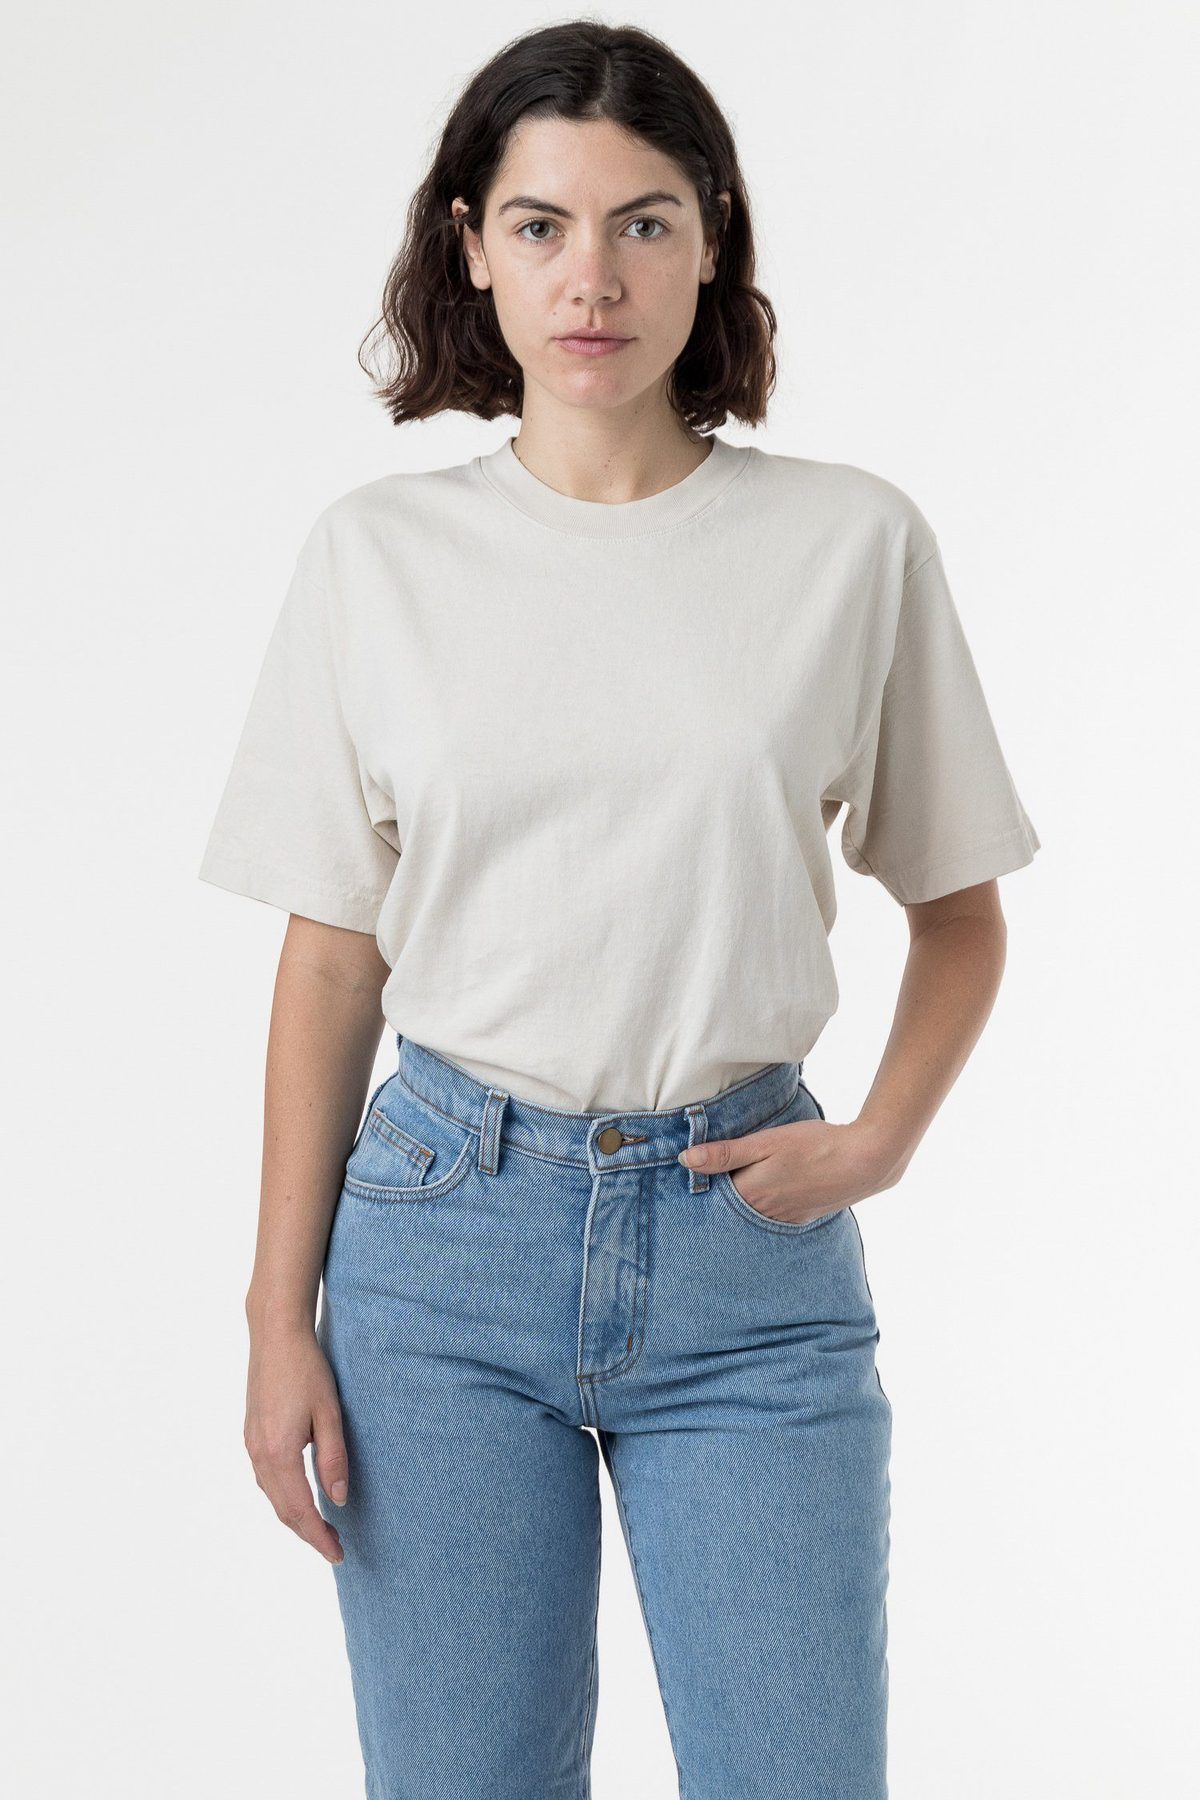 1801gd Unisex 6 5oz Garment Dye Crew Neck T Shirt Garment Dye Garment Vintage Shirts